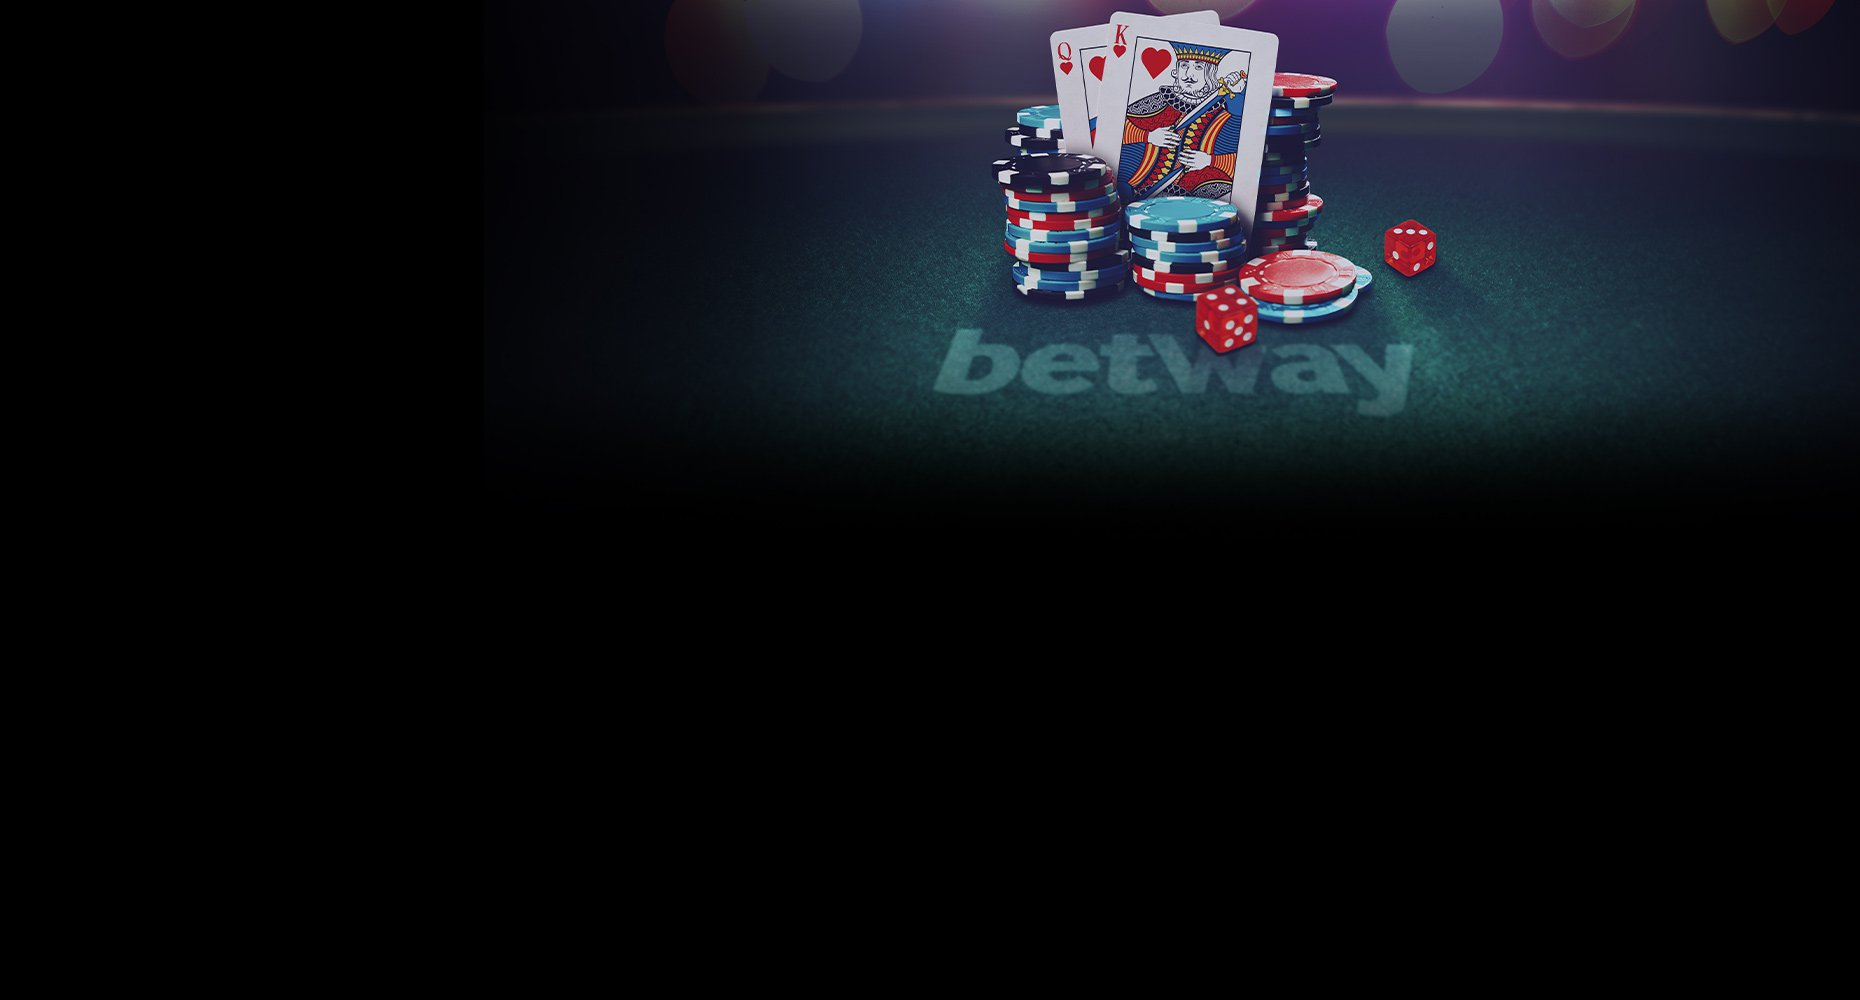 В какое казино можно играть казино рояль смотреть онлайн бесплатно в качестве hd 720 фильм